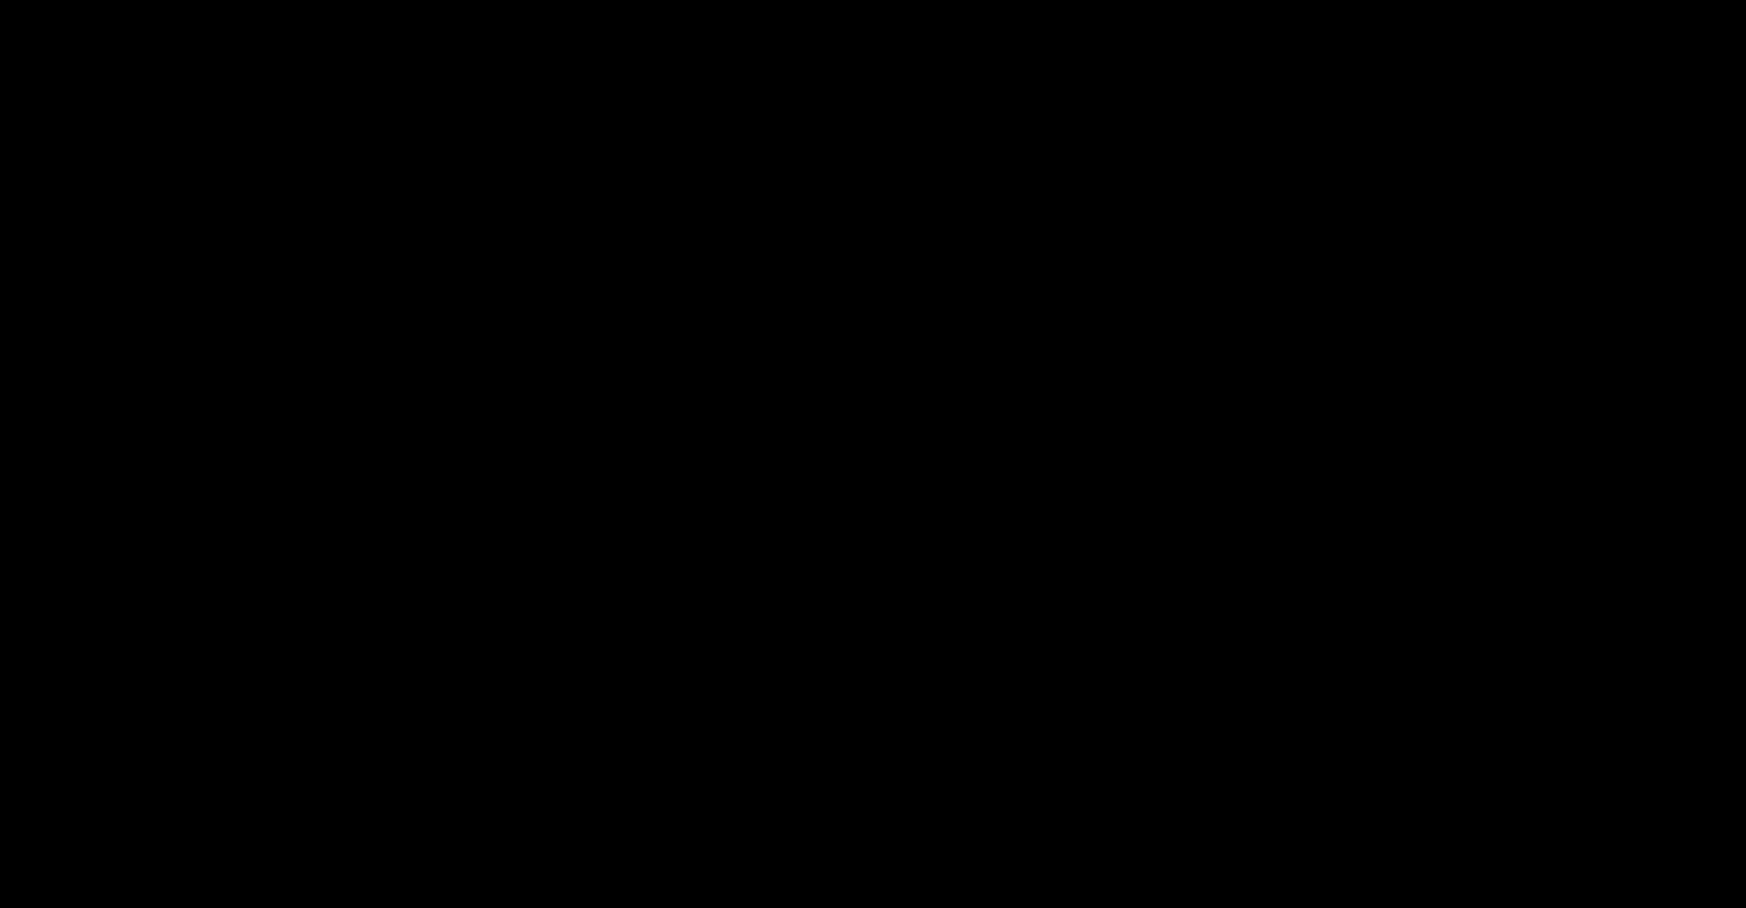 α-Cyclodextrin Hydrate Sulfate Sodium Salt